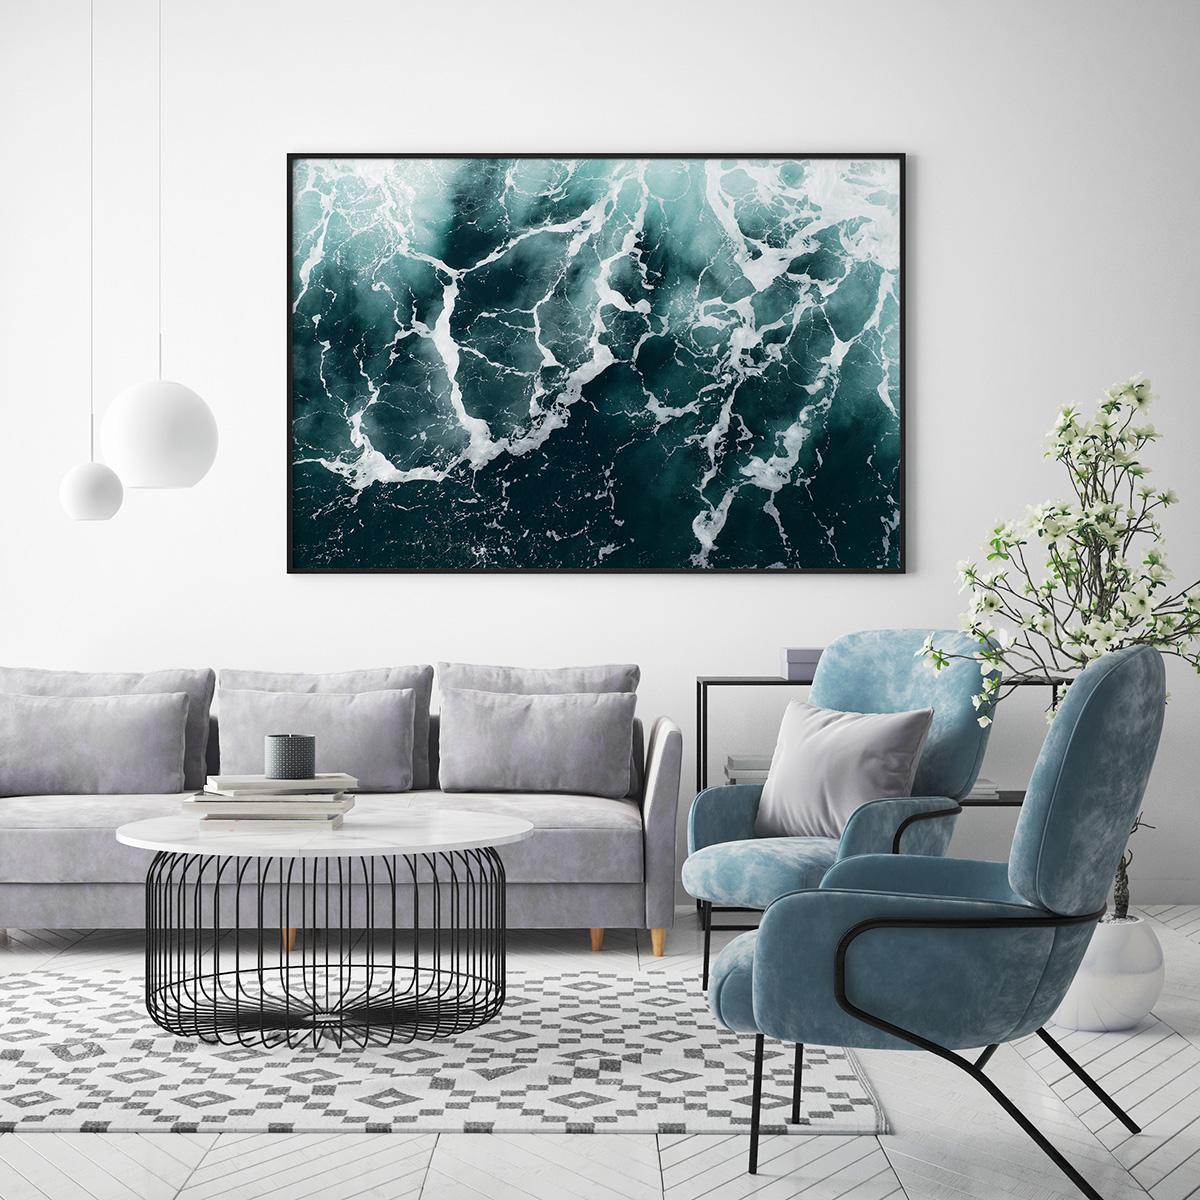 H1_livingroom_tommy_kwak_waves.jpg